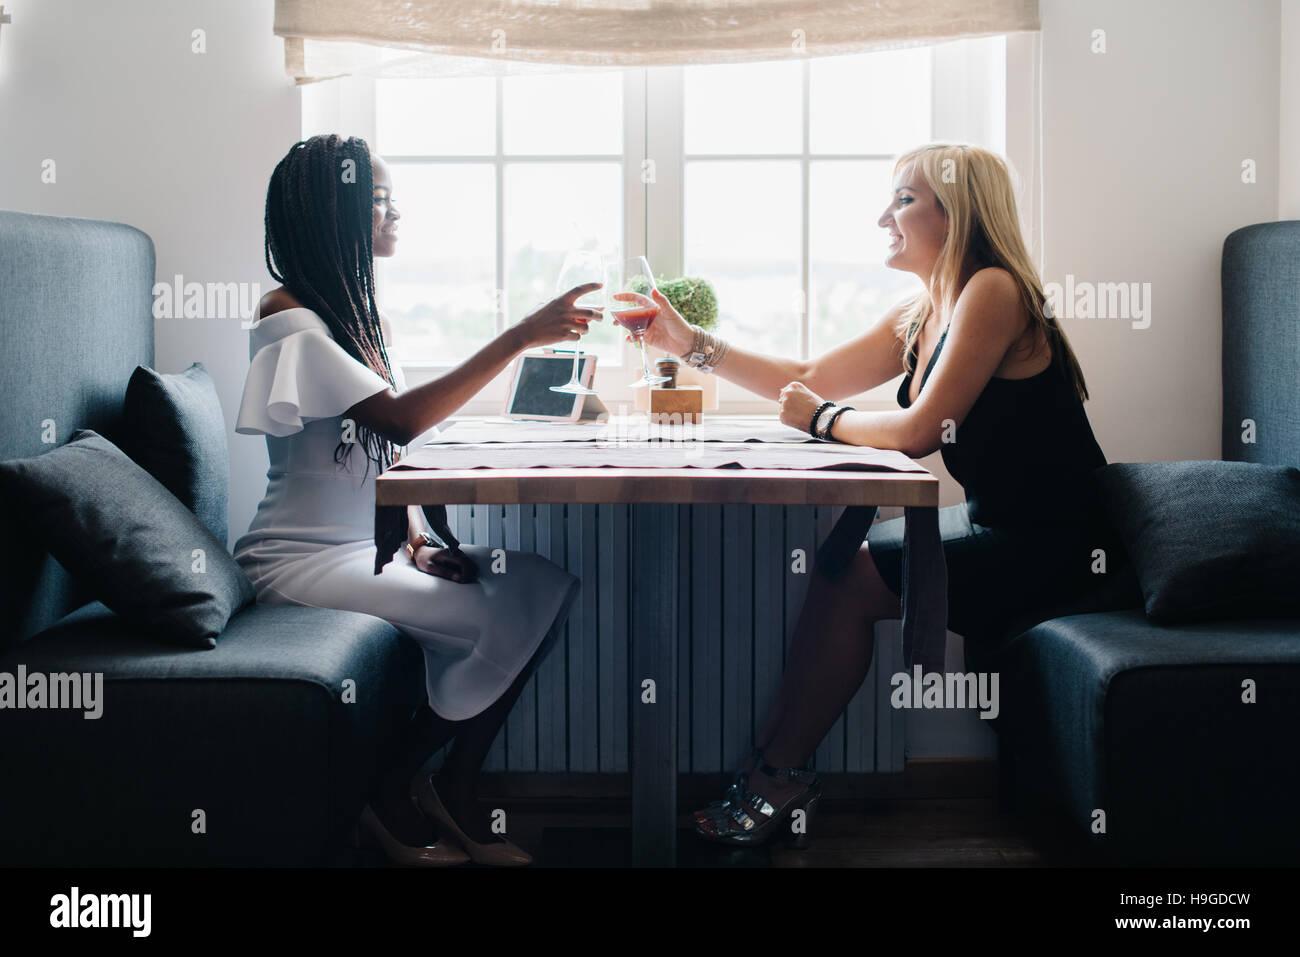 Schwarzes Mädchen Weißes Mädchen Lesbisch